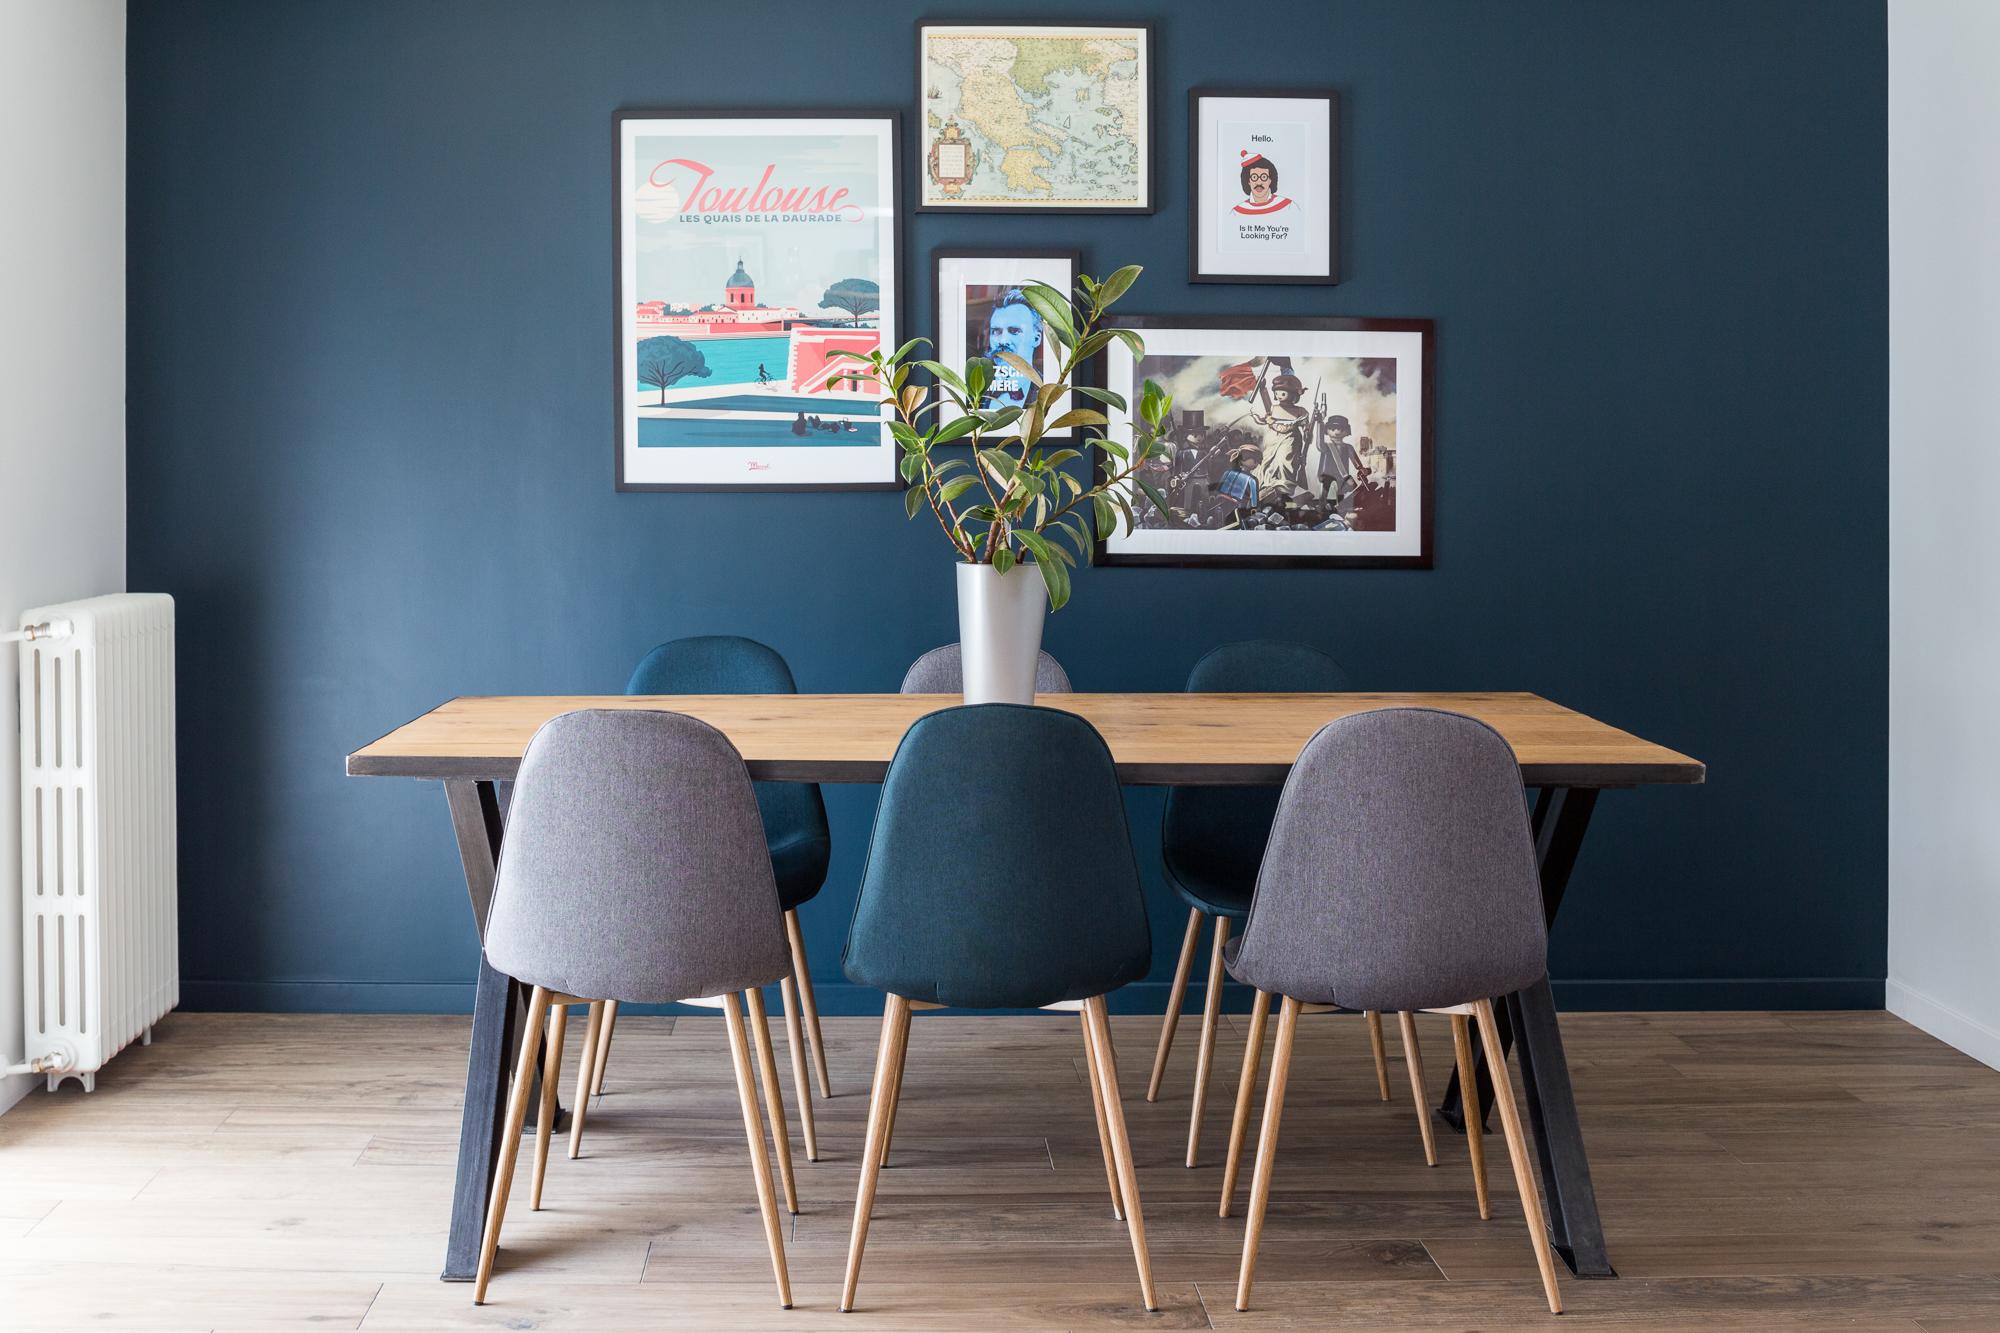 Table de salle à manger avec des chaises assorties et des cadres au mur